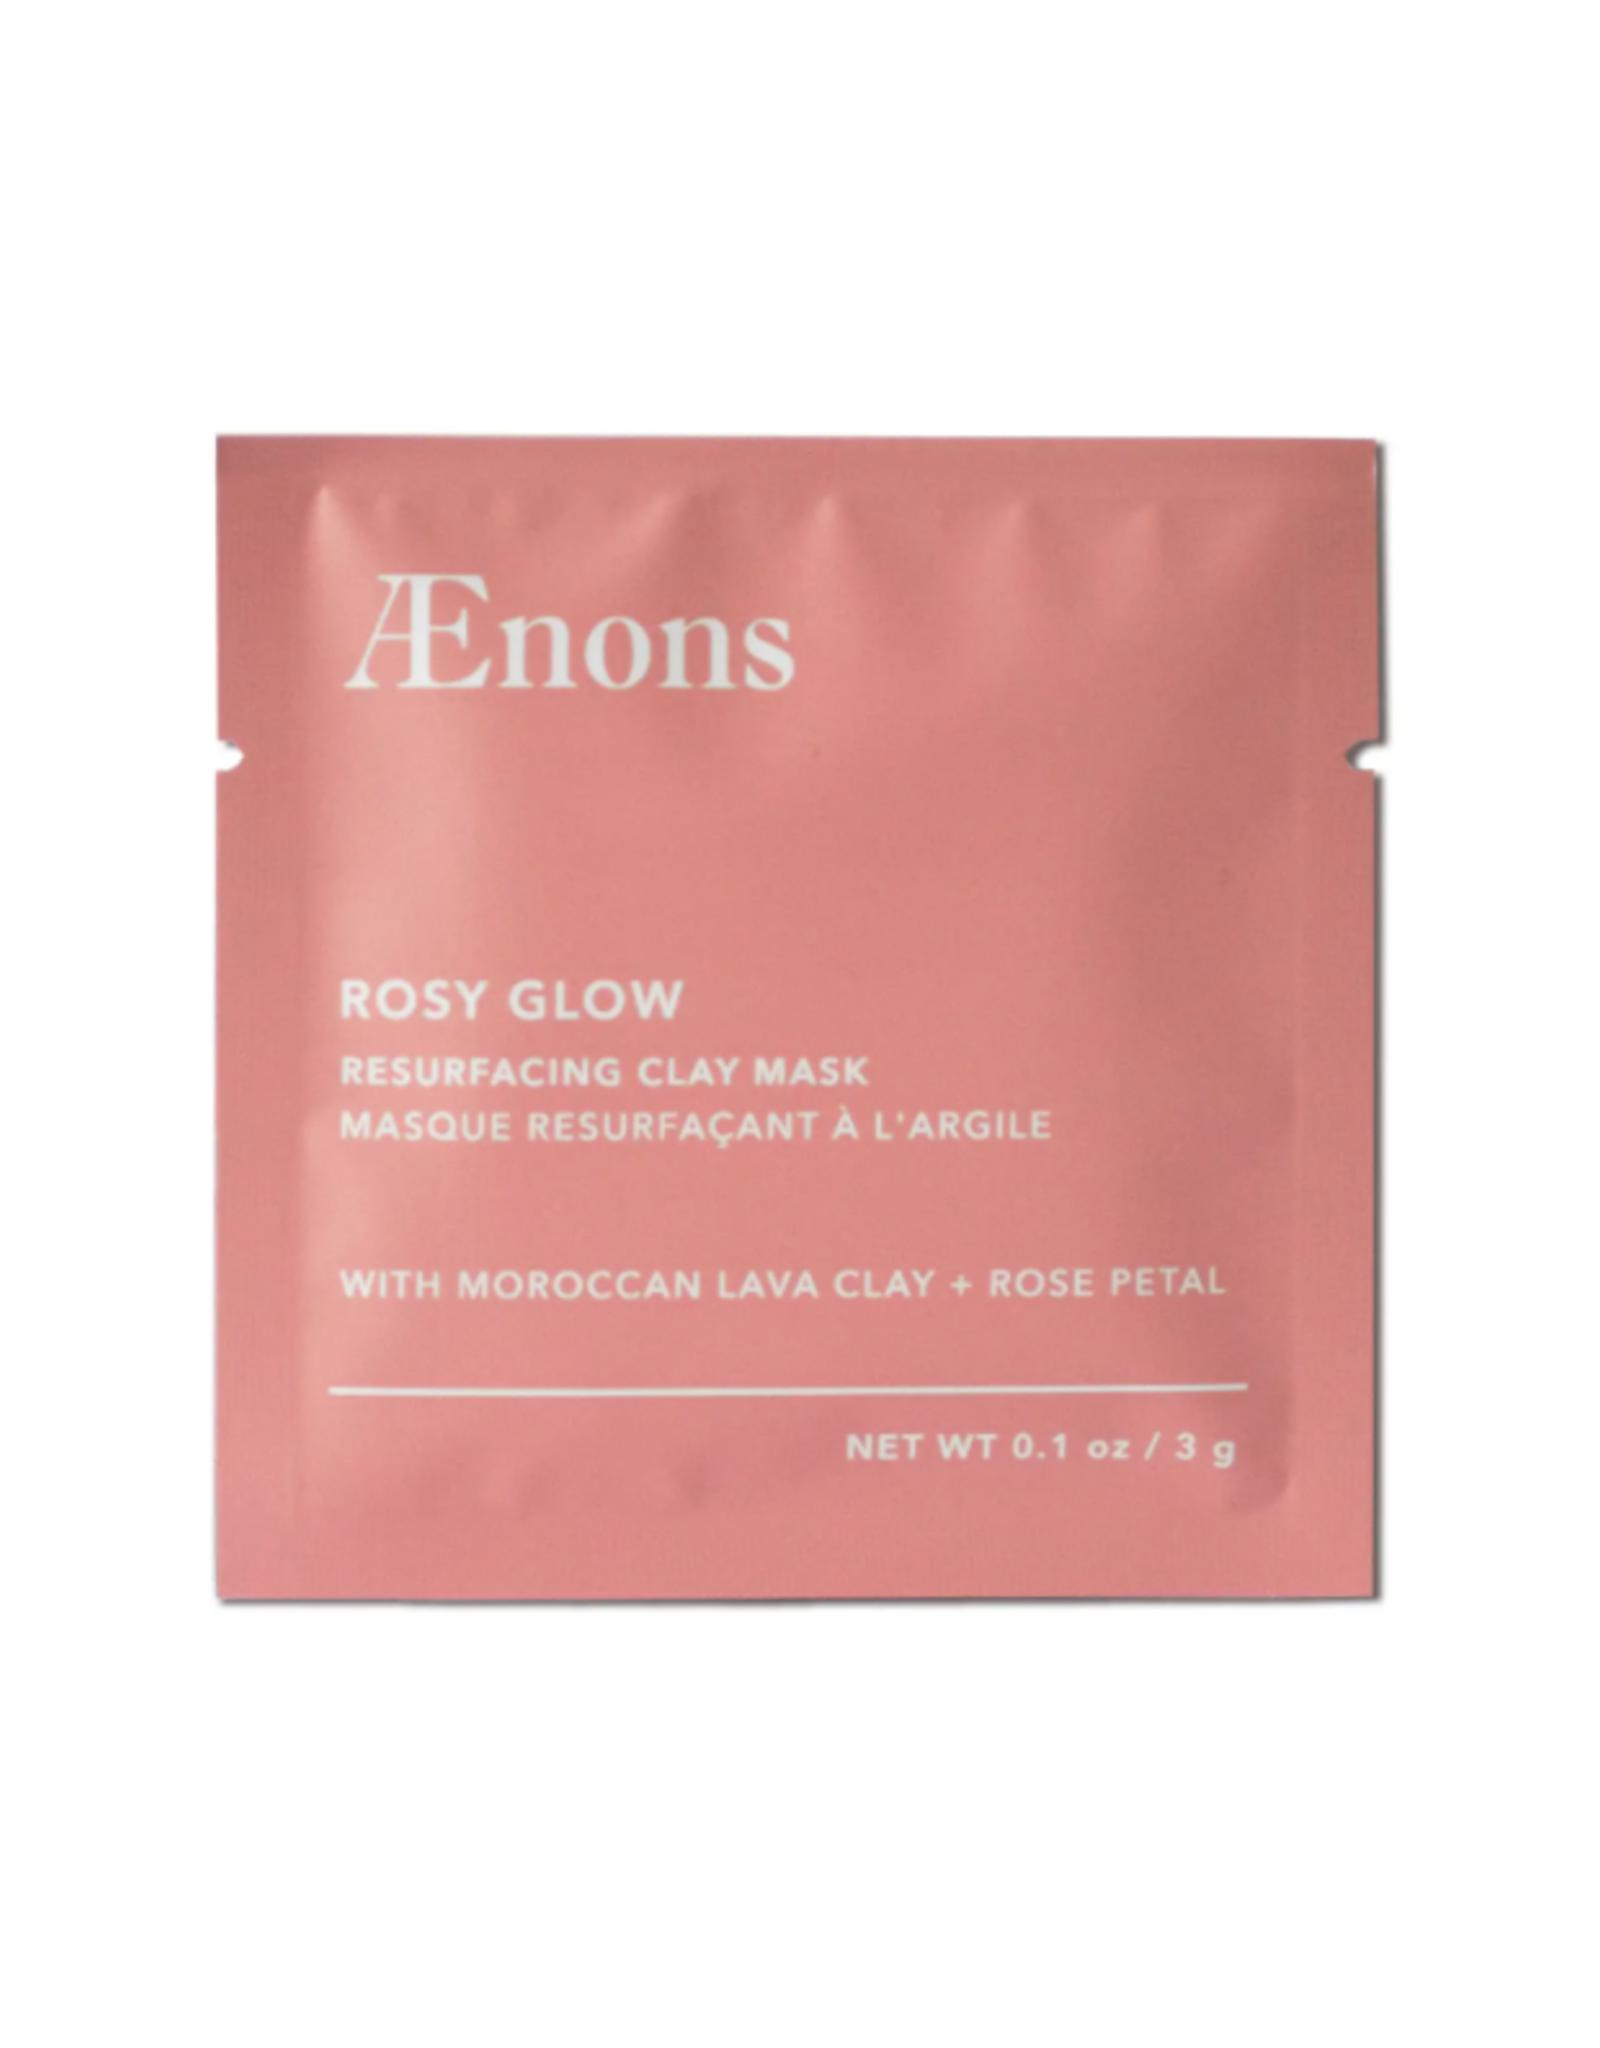 Rosy Glow Resurfacing Clay Mask Individual Packet